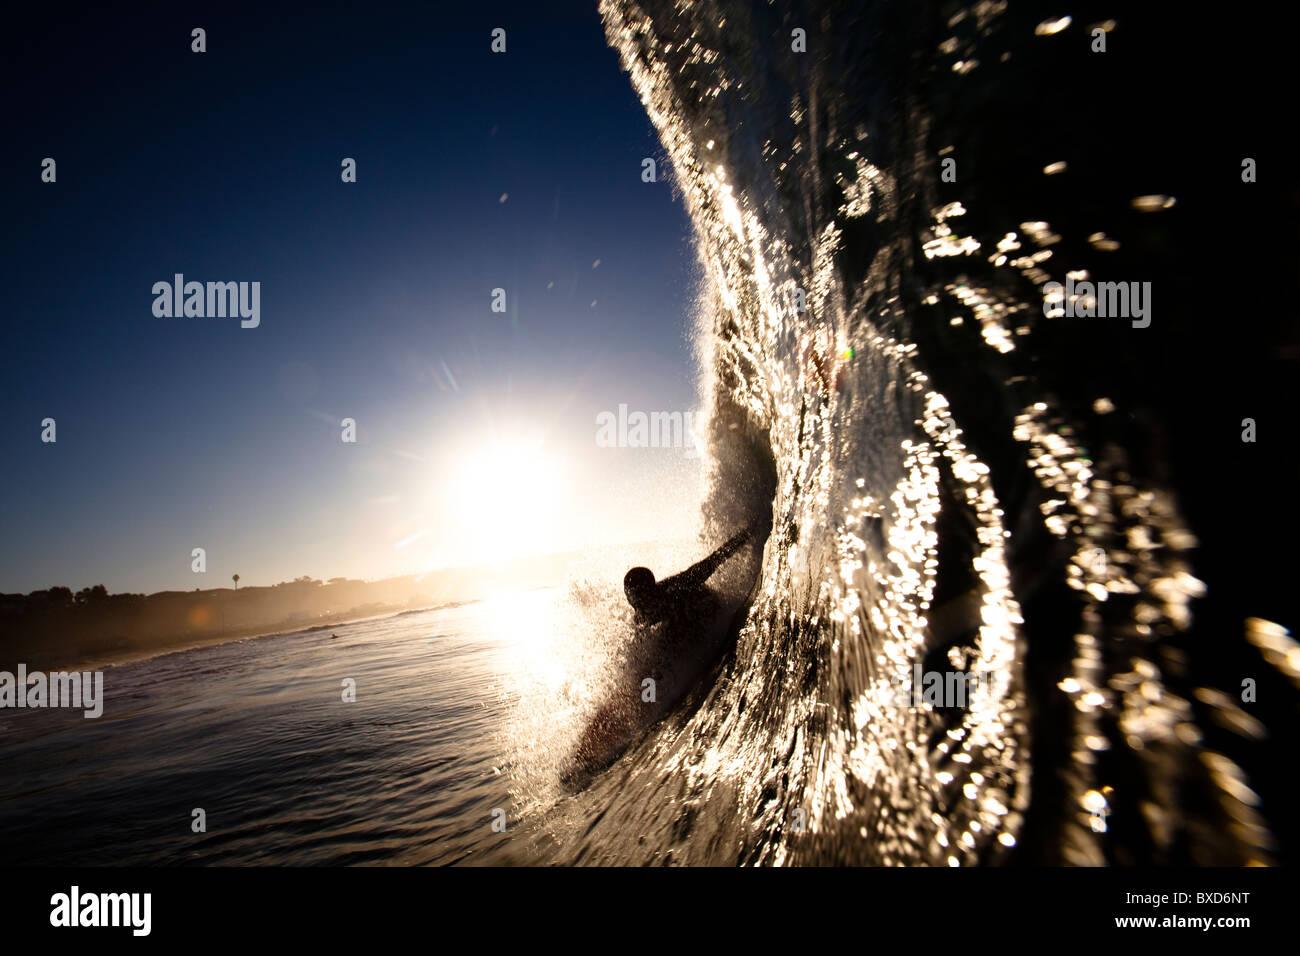 Un surfeur mâle tire dans un tonneau à Zuma beach à Malibu, en Californie. Photo Stock